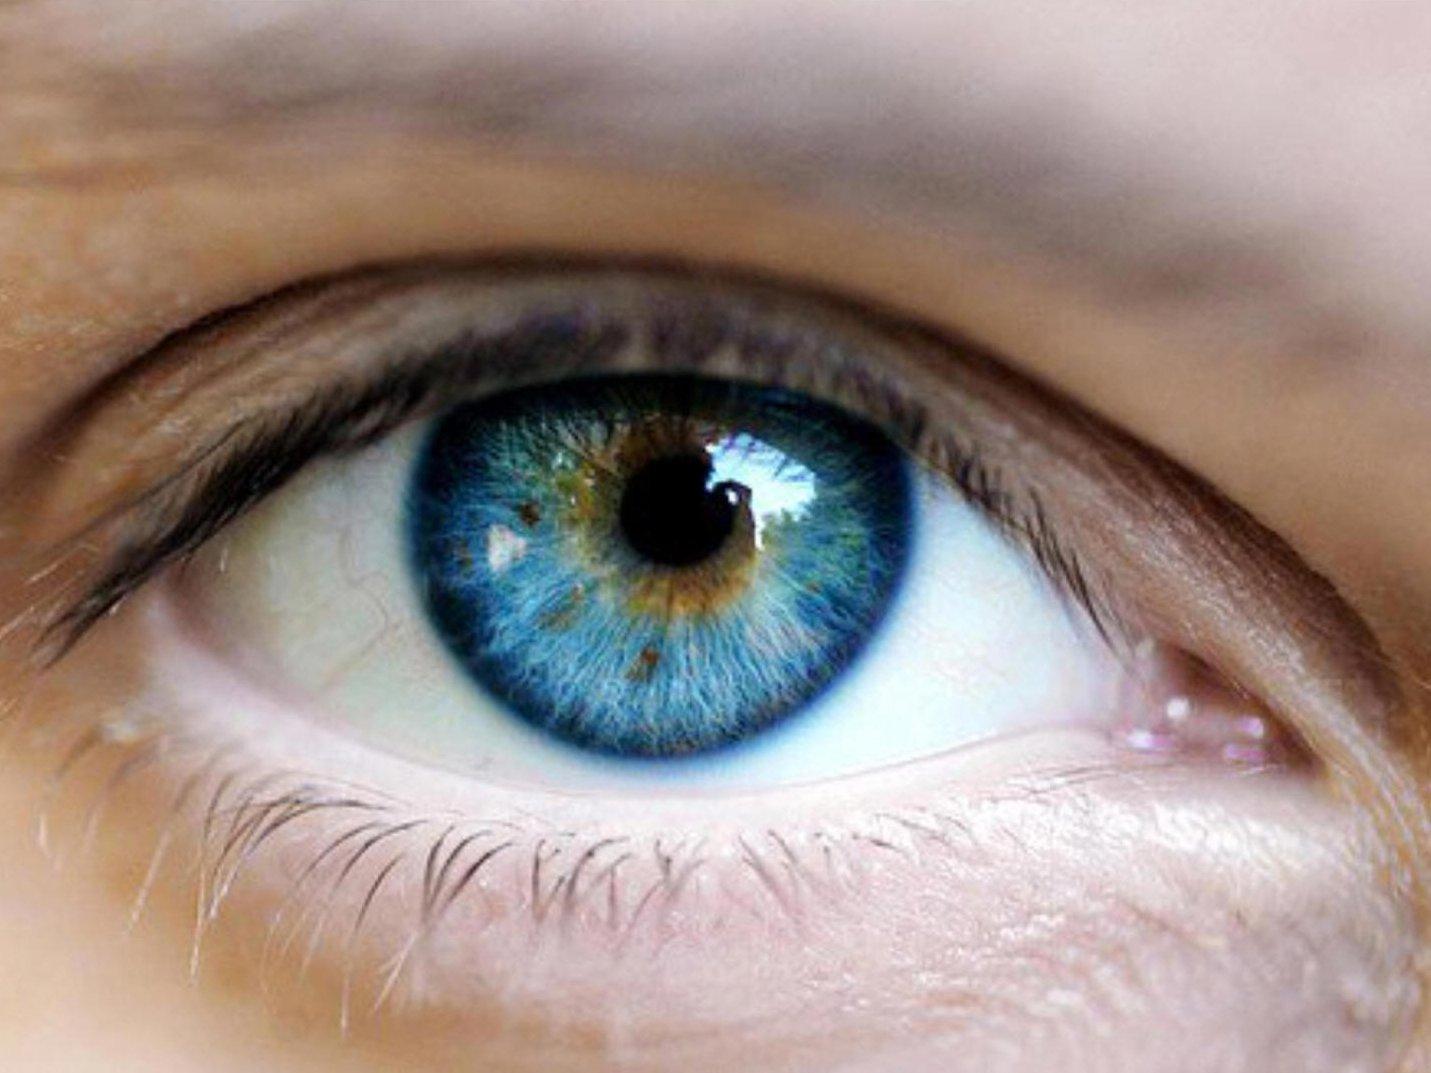 a-cuantos-frames-puede-ver-el-ojo.jpeg